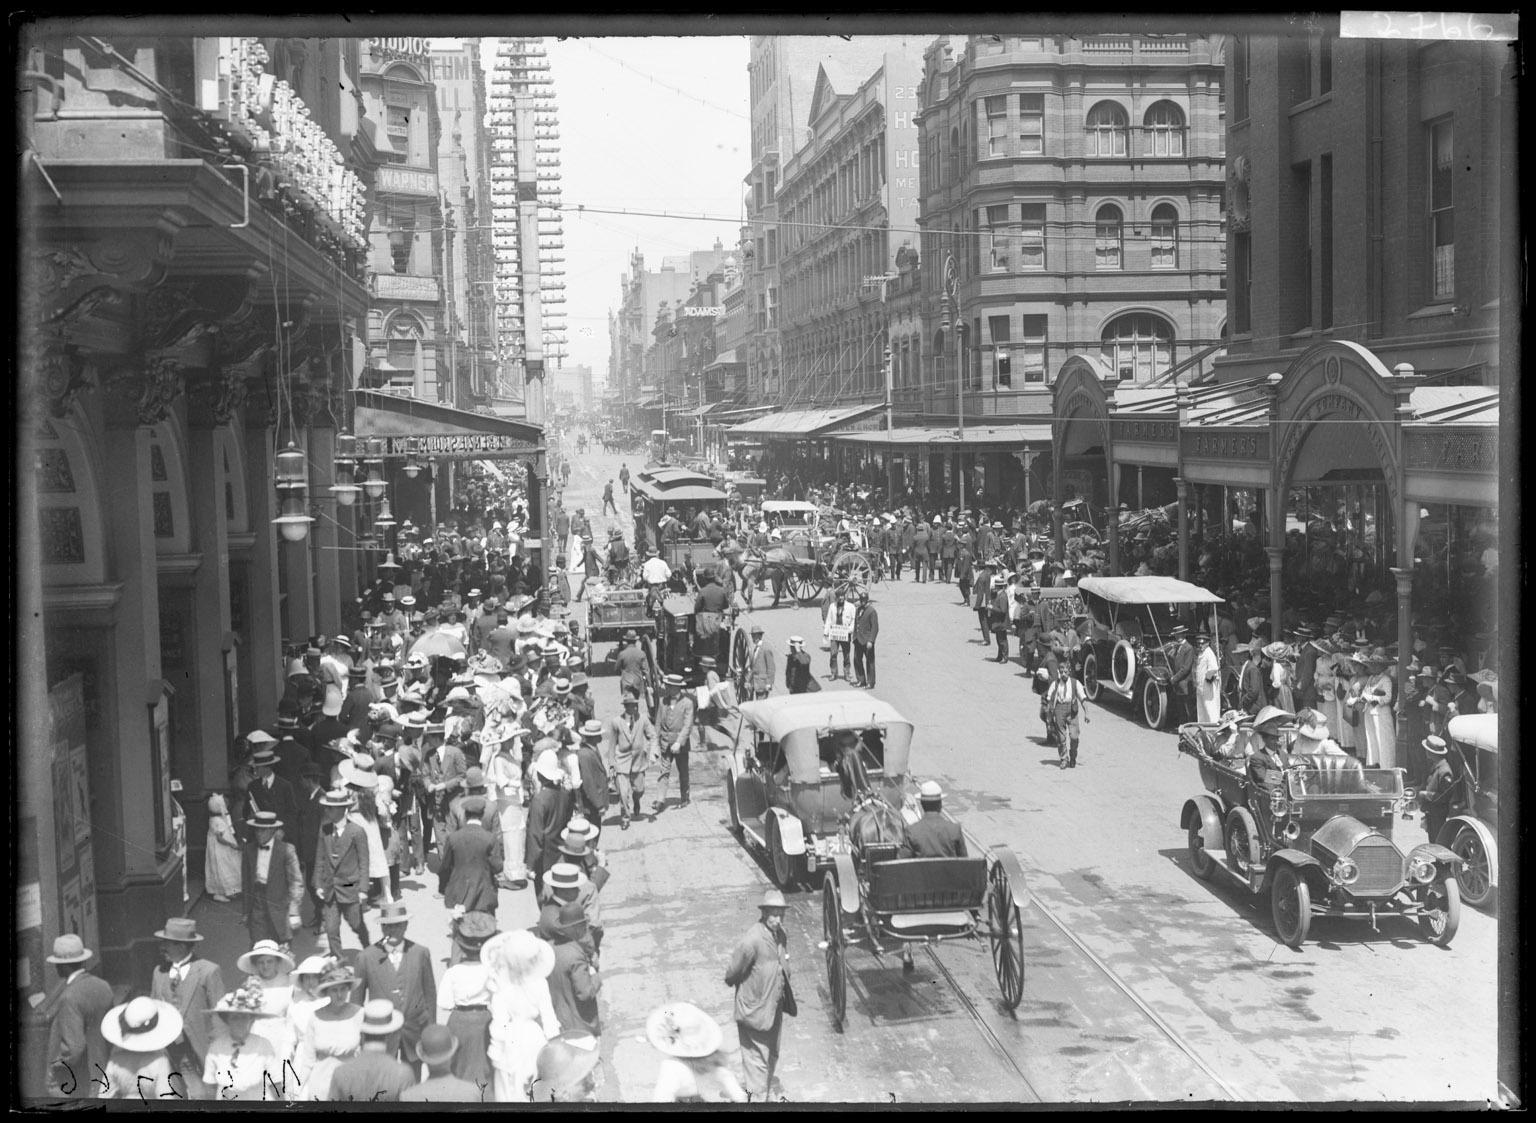 Pitt_Street_near_Market_Street%2C_Sydney_(18592934886).jpg